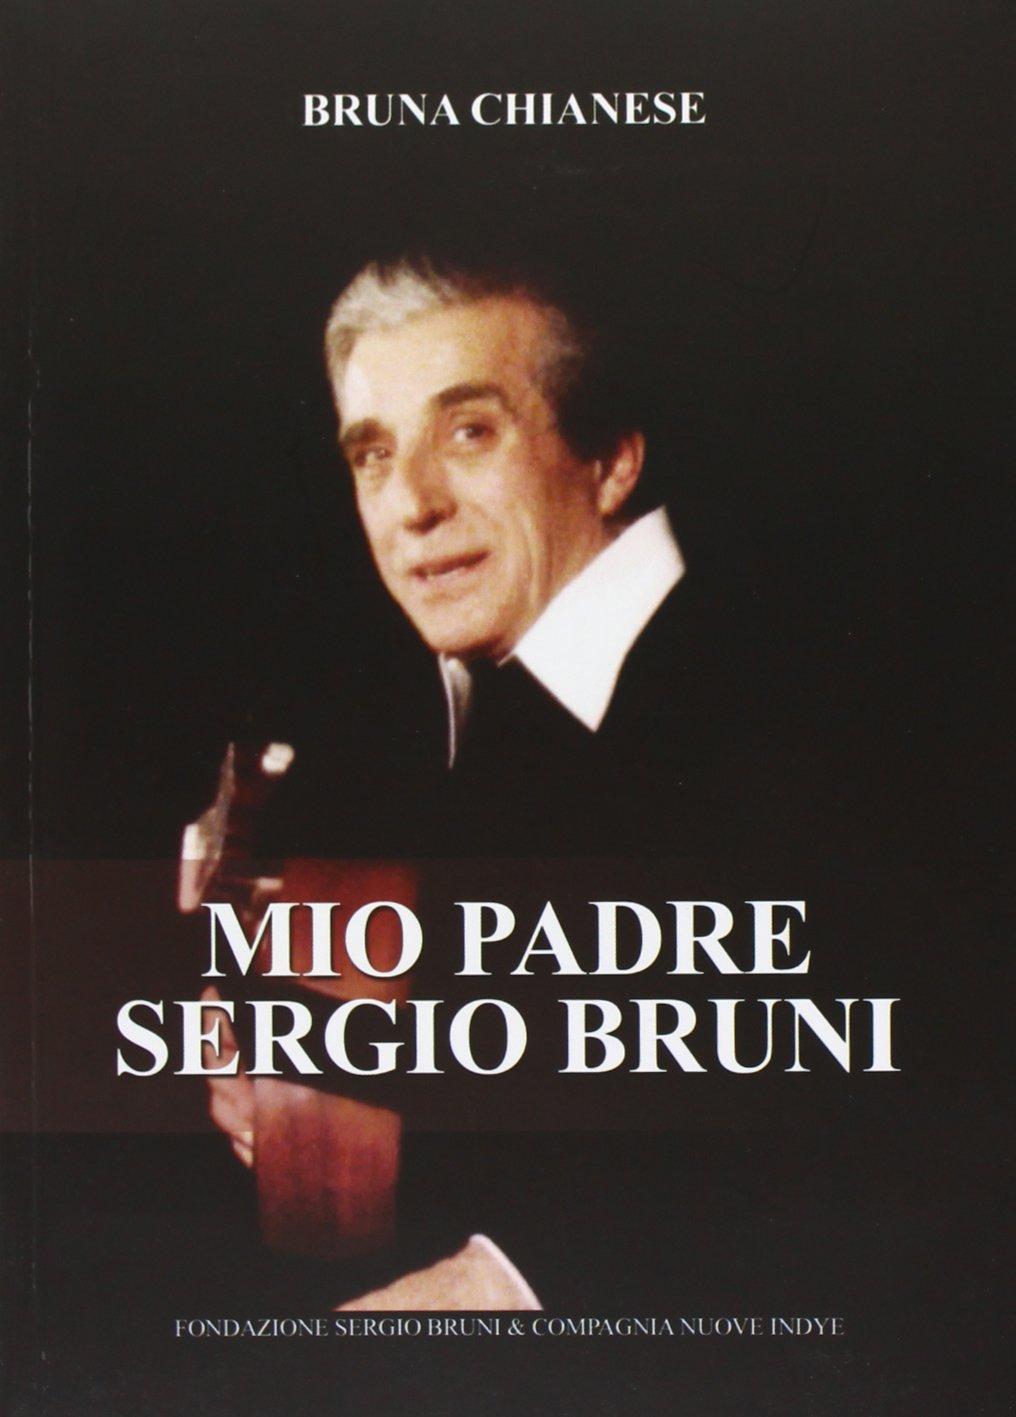 Audio Cd Bruna Chianese - Mio Padre Sergio Bruni (Libro+Cd) NUOVO SIGILLATO, EDIZIONE DEL 08/10/2013 SUBITO DISPONIBILE